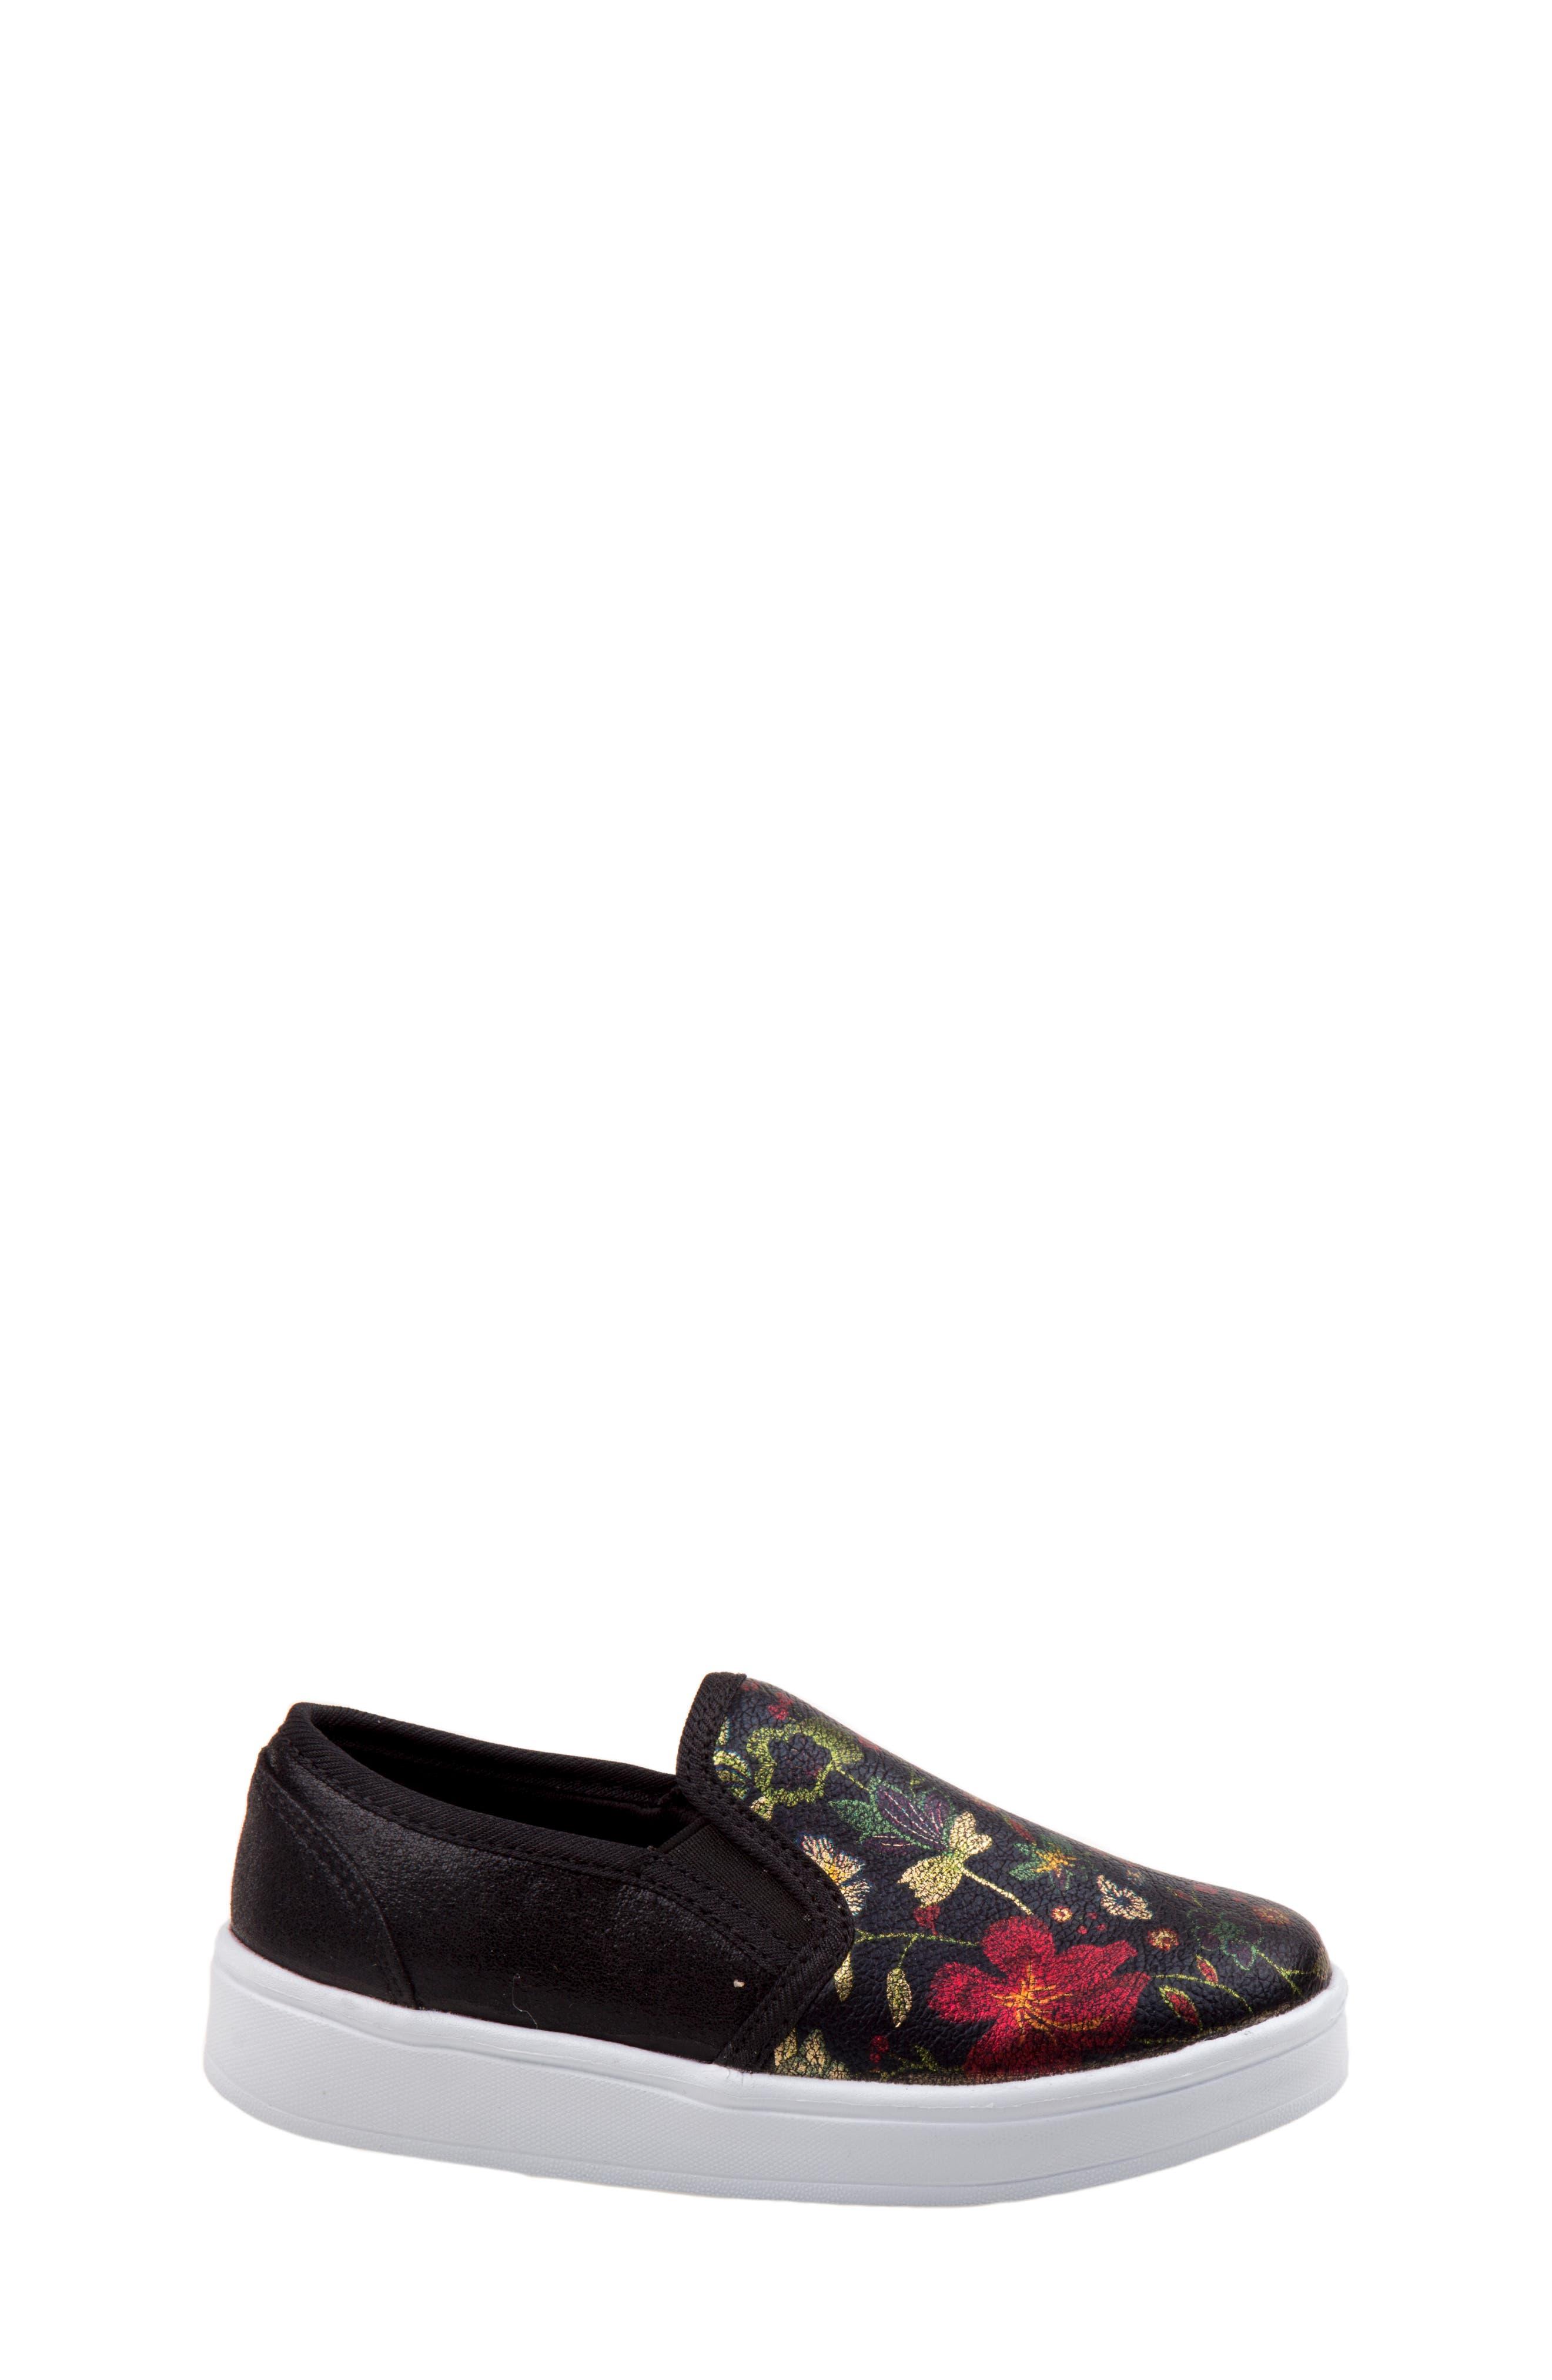 Floral Slip-On Sneaker,                             Alternate thumbnail 2, color,                             BLACK